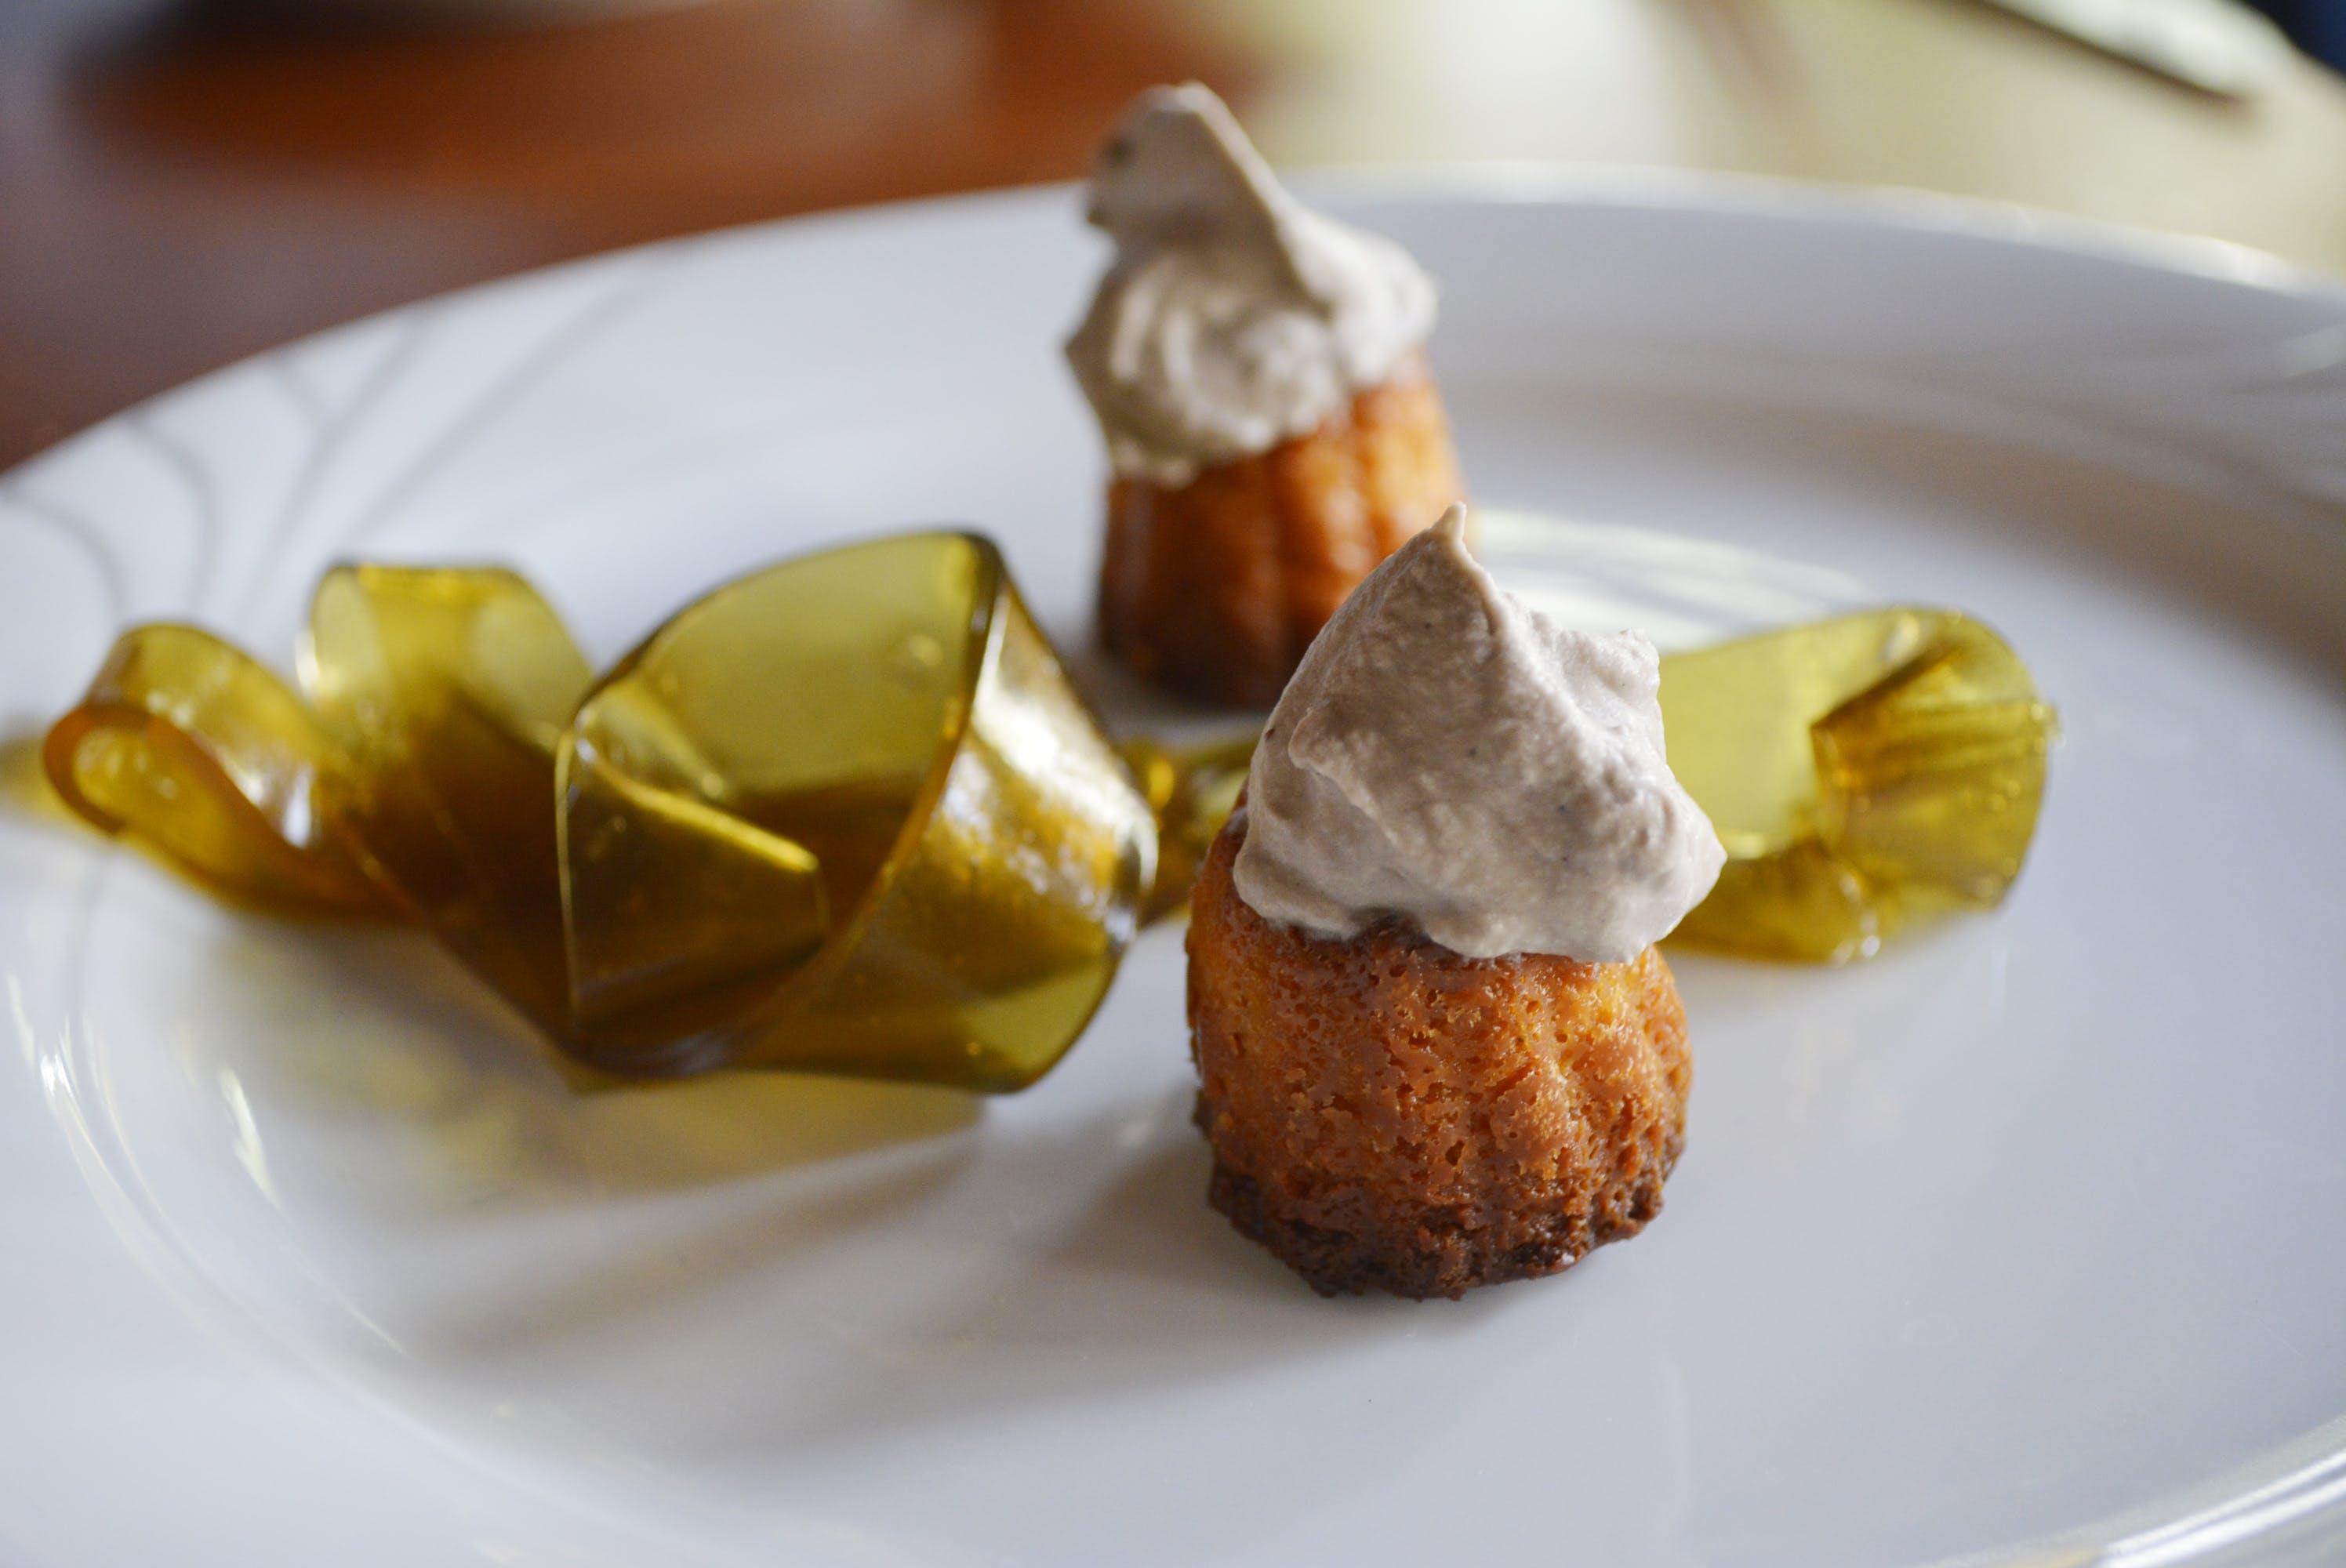 Gratis lagerfoto af delikatesse, forretter, gourmet, gourmetmad